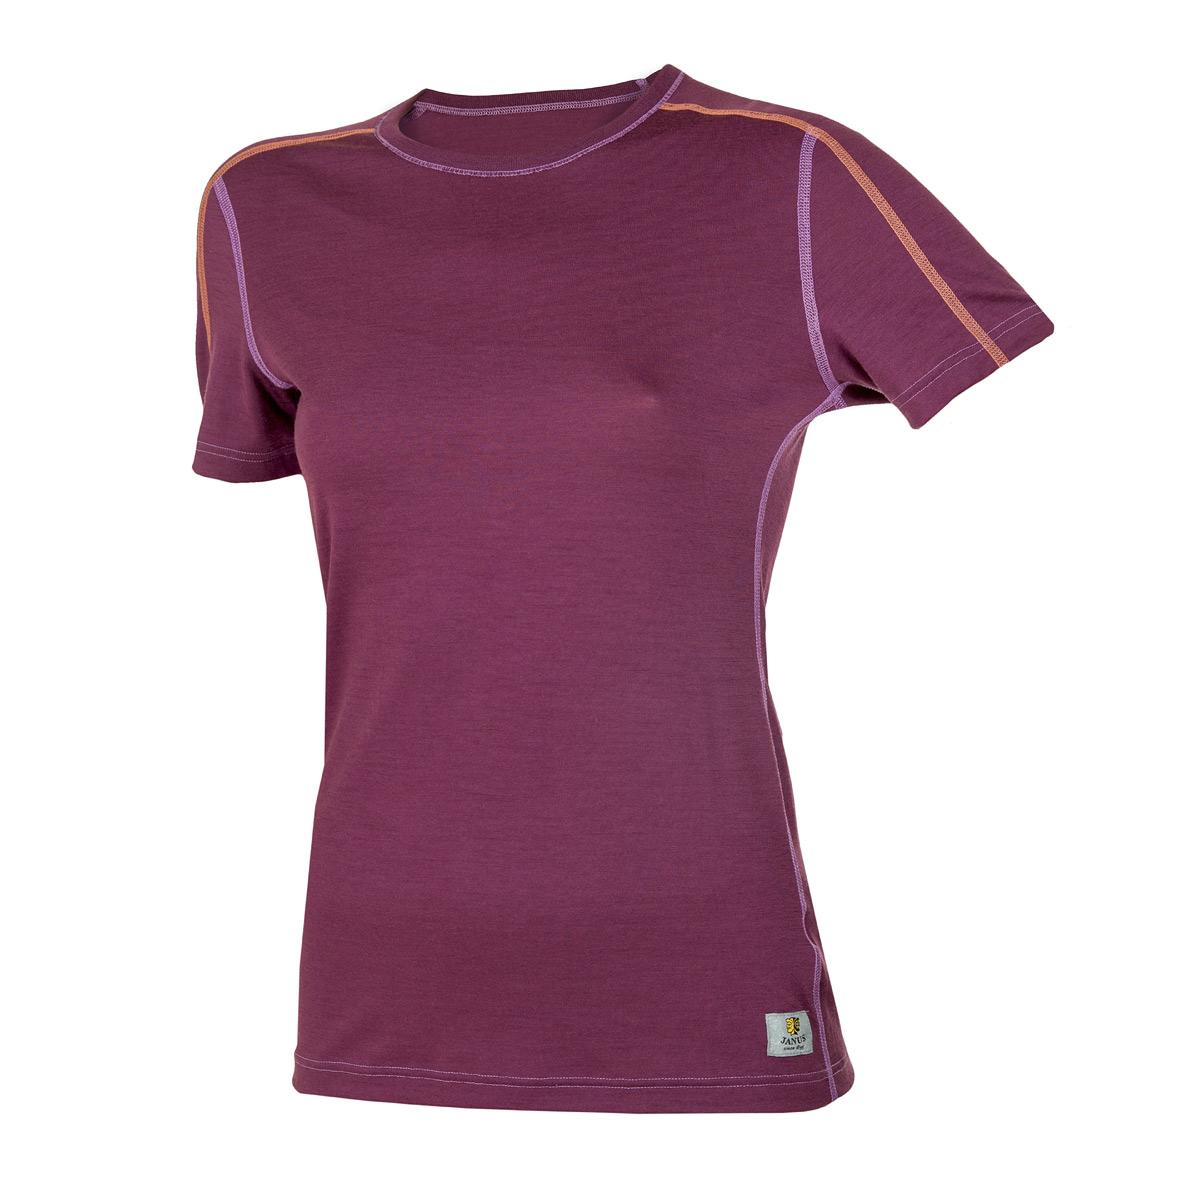 Janus LightWool dam t-shirt 100% merinoull plommonlila